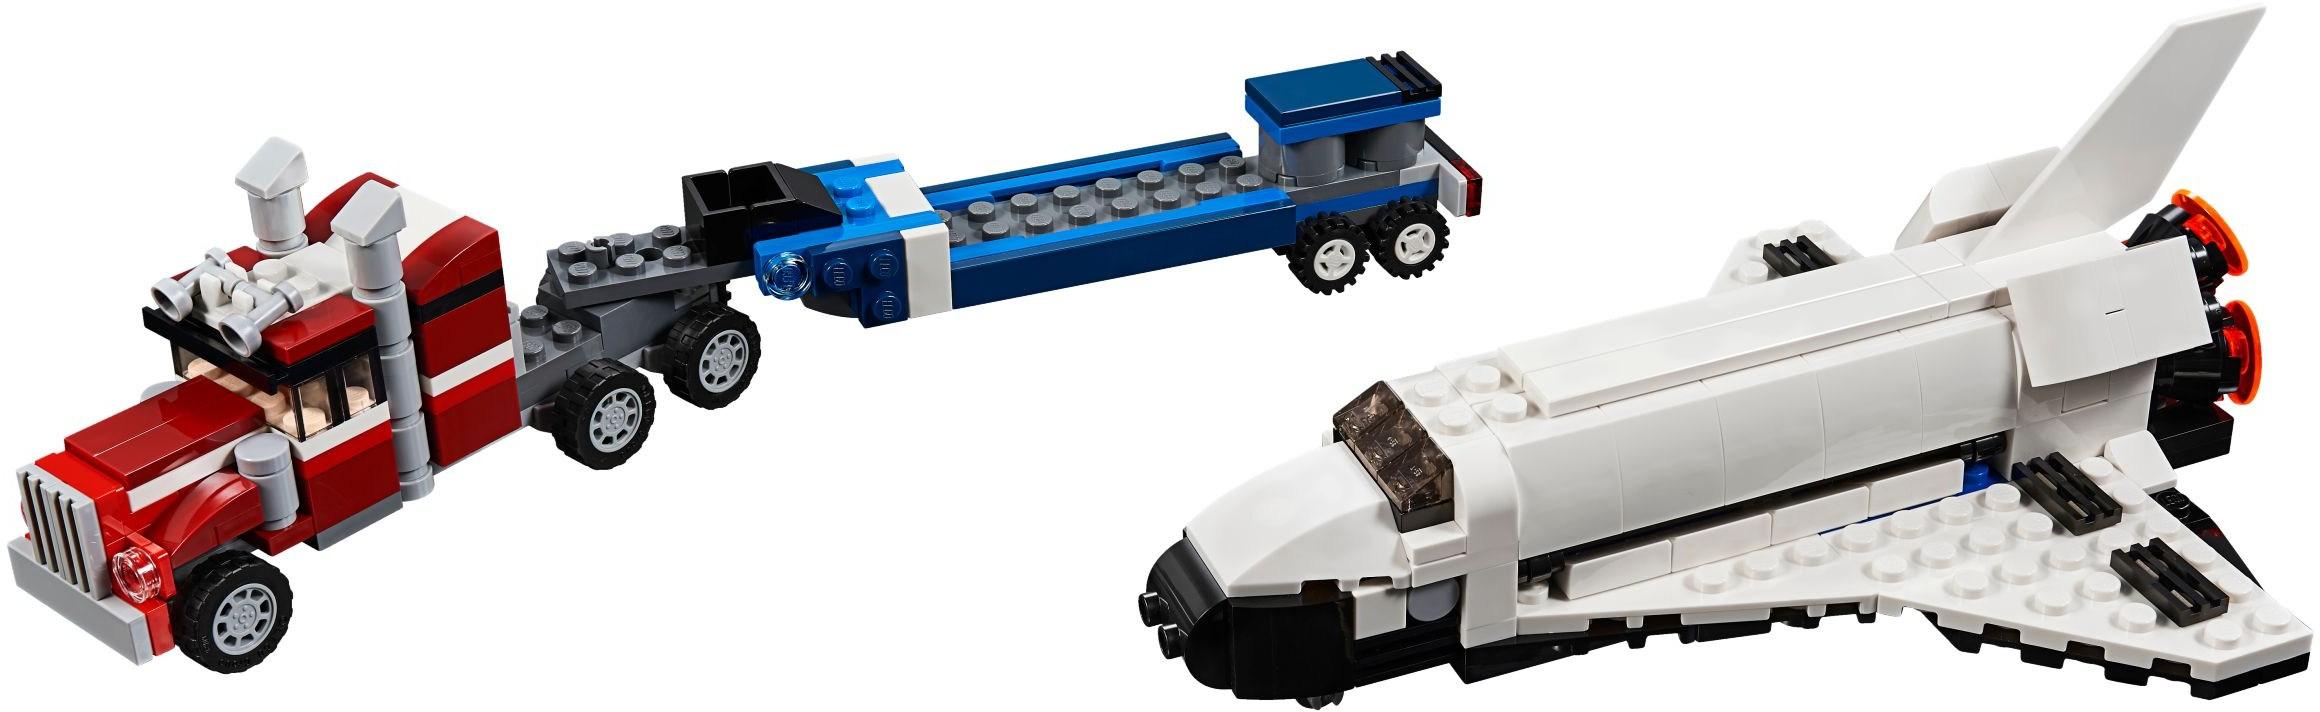 lego space shuttle brickset - photo #20